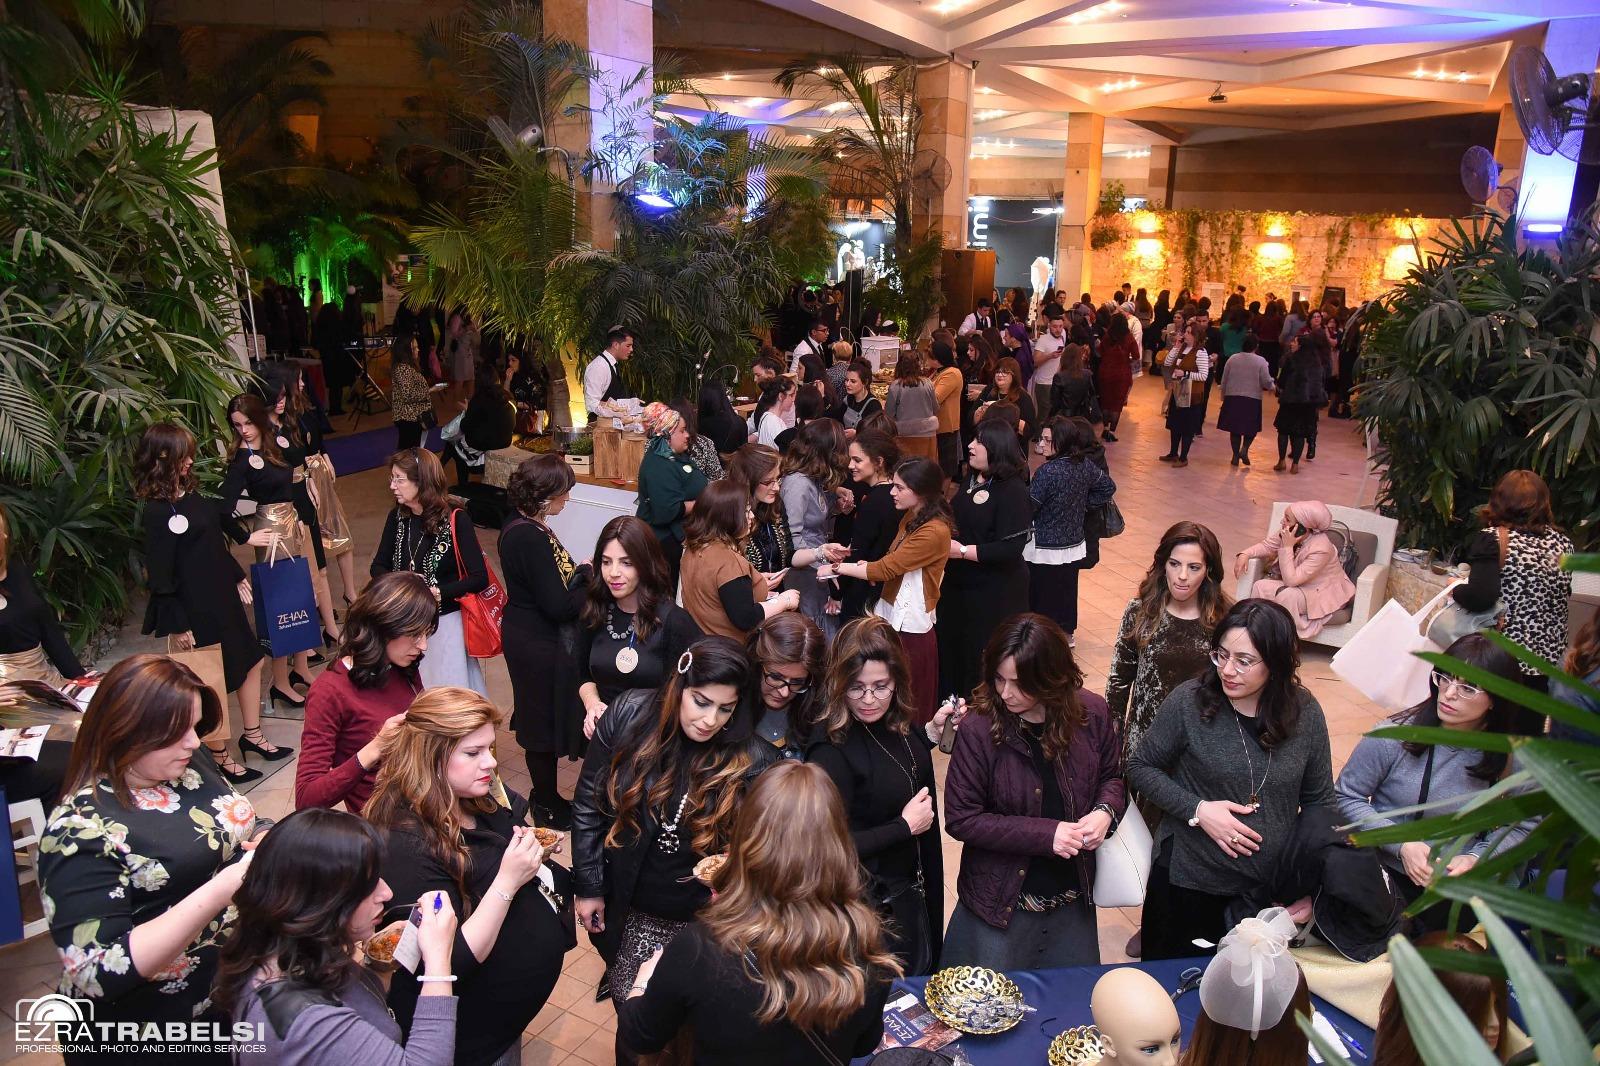 """סיקור מצולם: יותר מאלף נשים באירוע """"עושות עסק 5"""" של עיתון משפחה 1"""